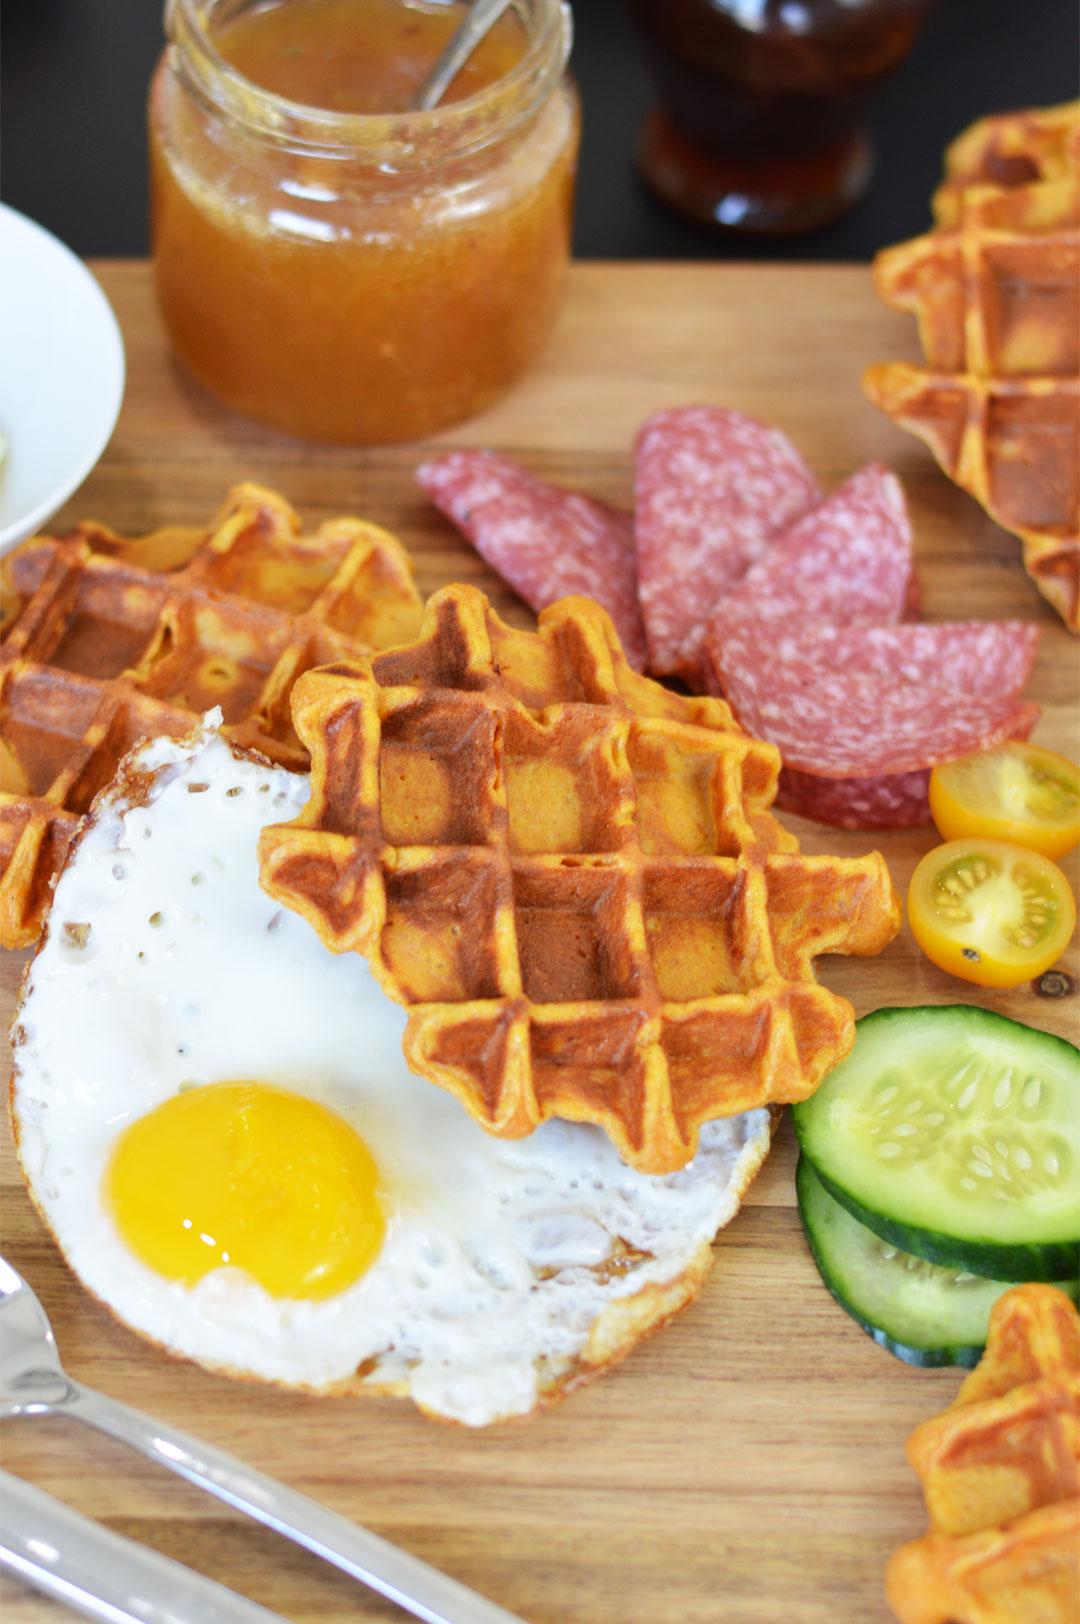 Rezept für Süßkartoffel-Waffeln | www.dearlicious.com